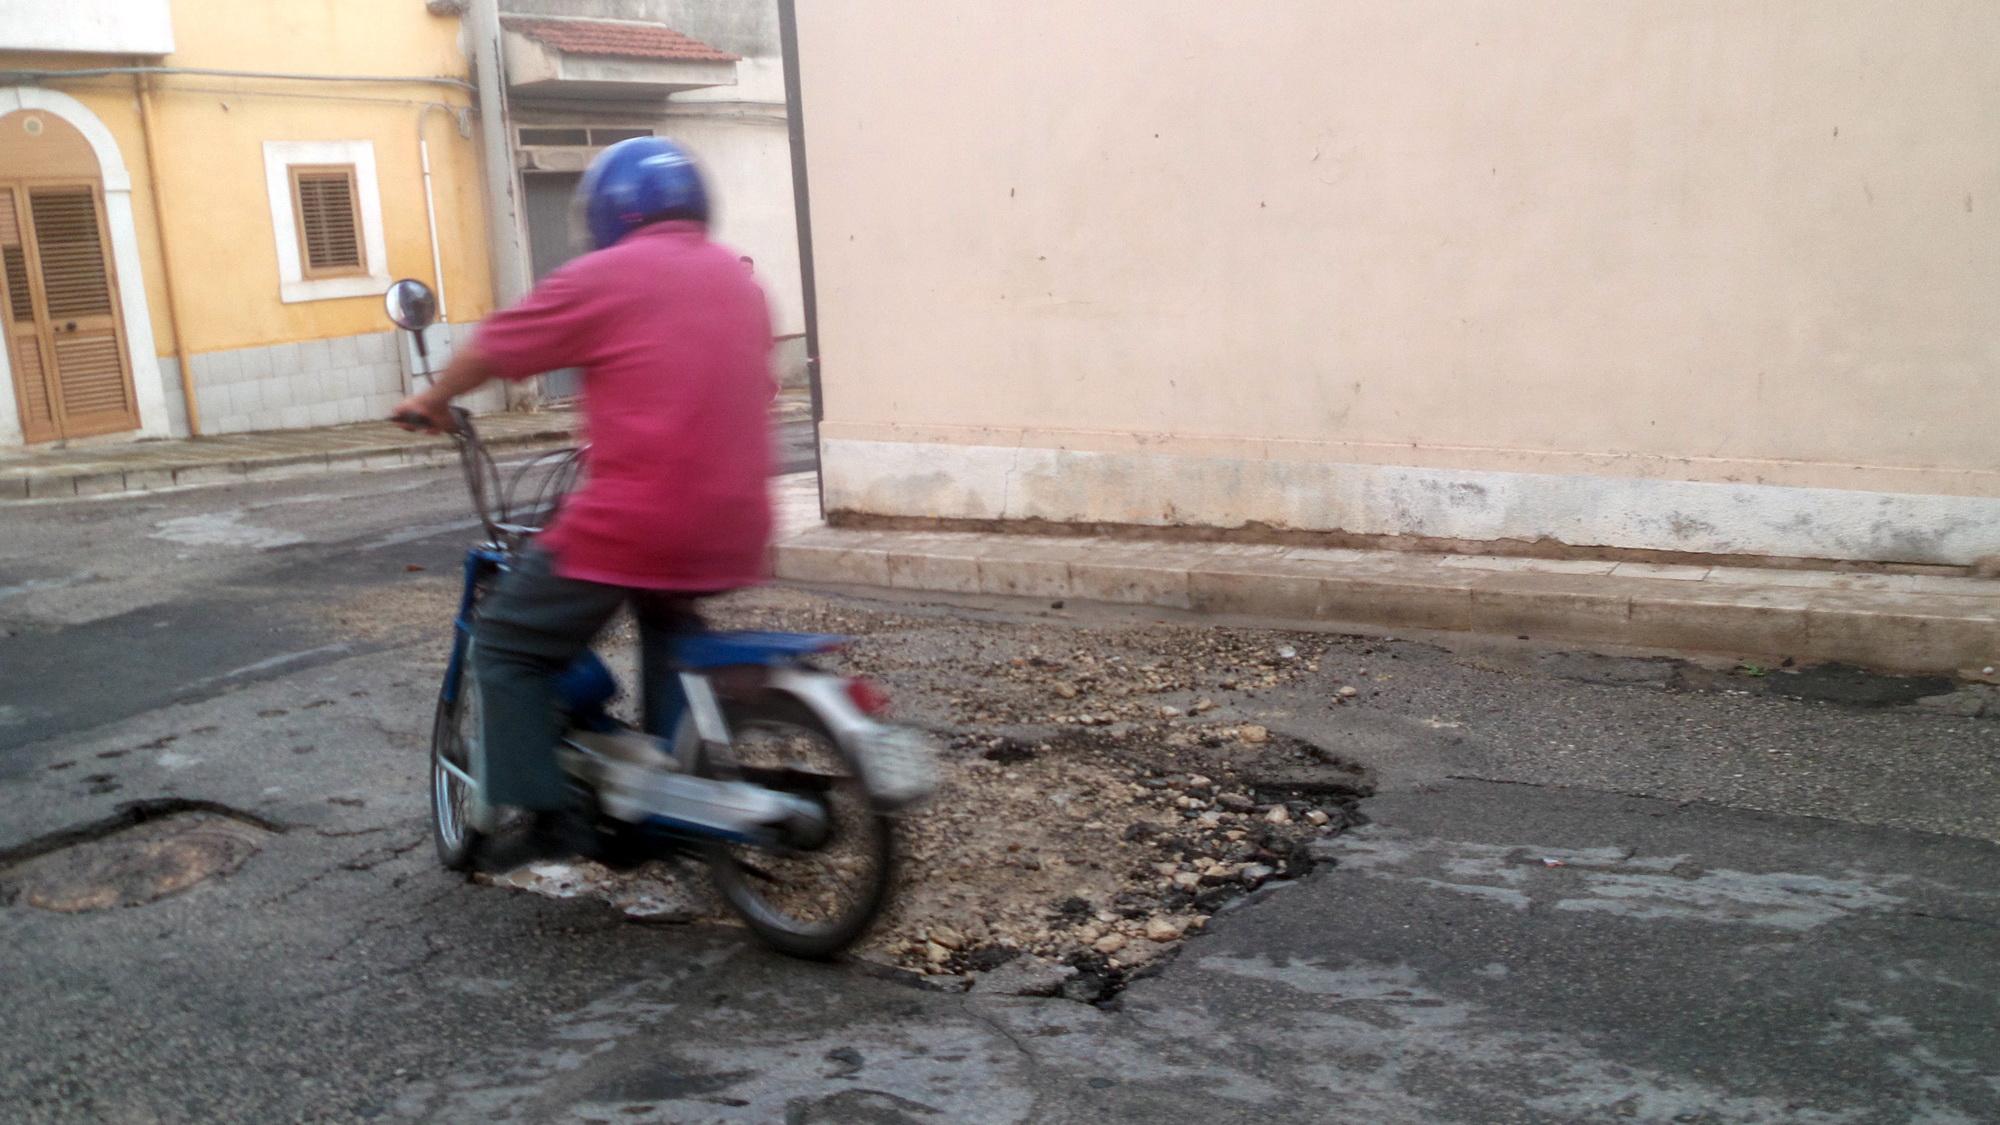 Emergenza in via Castel Sant'Elena: buca enorme dopo la pioggia FOTO